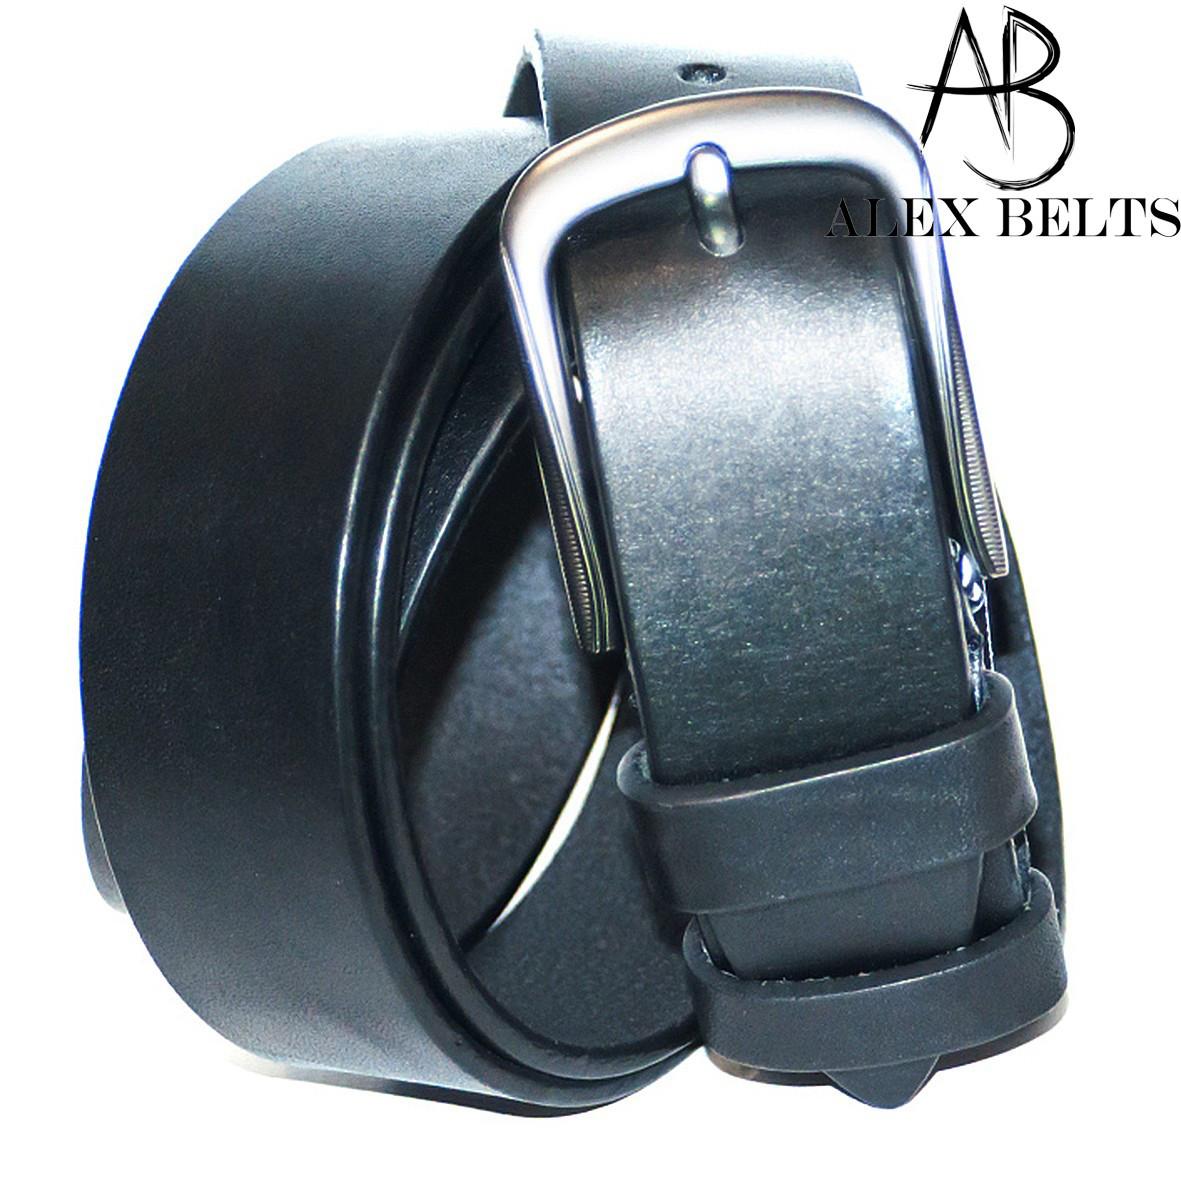 Ремень мужской брючный кожаный гладкий (Вознесенск) 35 мм - купить оптом в Одессе